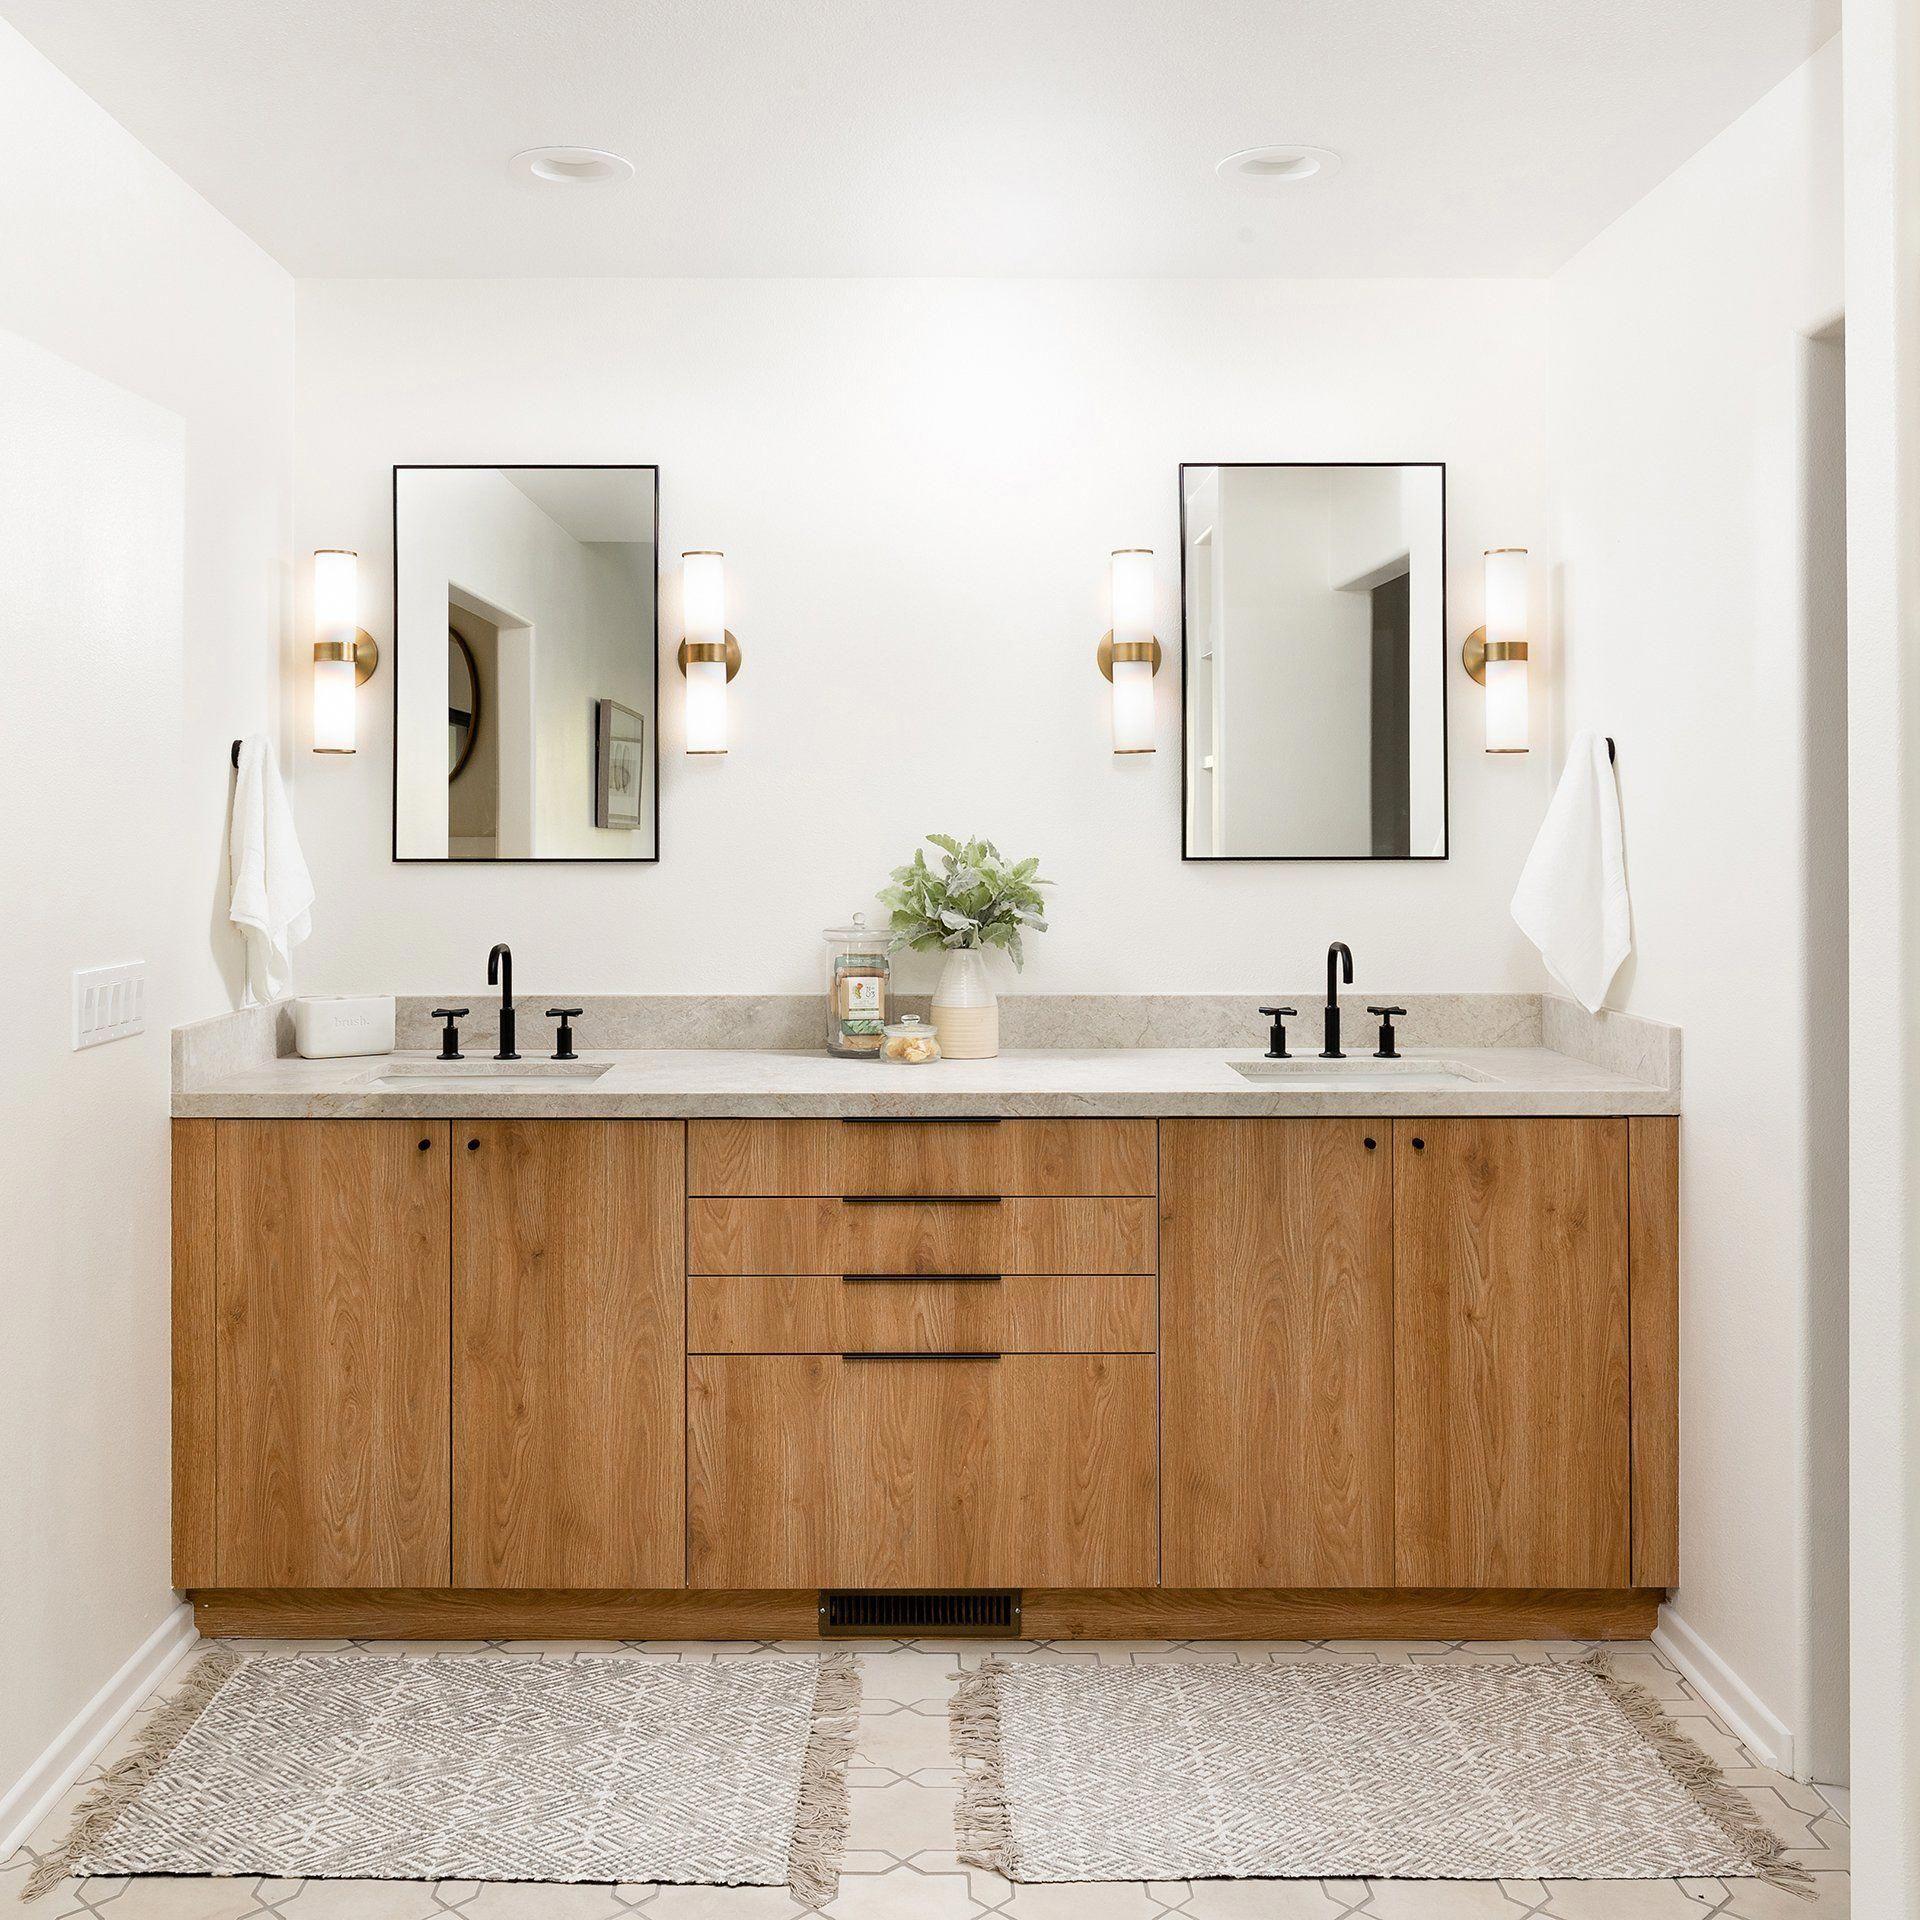 Bathroom Tips Master Bathroom Renovation Bathroom Decor And Bathroom Organization Bathrooms In 2020 Stylish Bathroom Modern Bathroom Cabinets Ikea Kitchen Cabinets